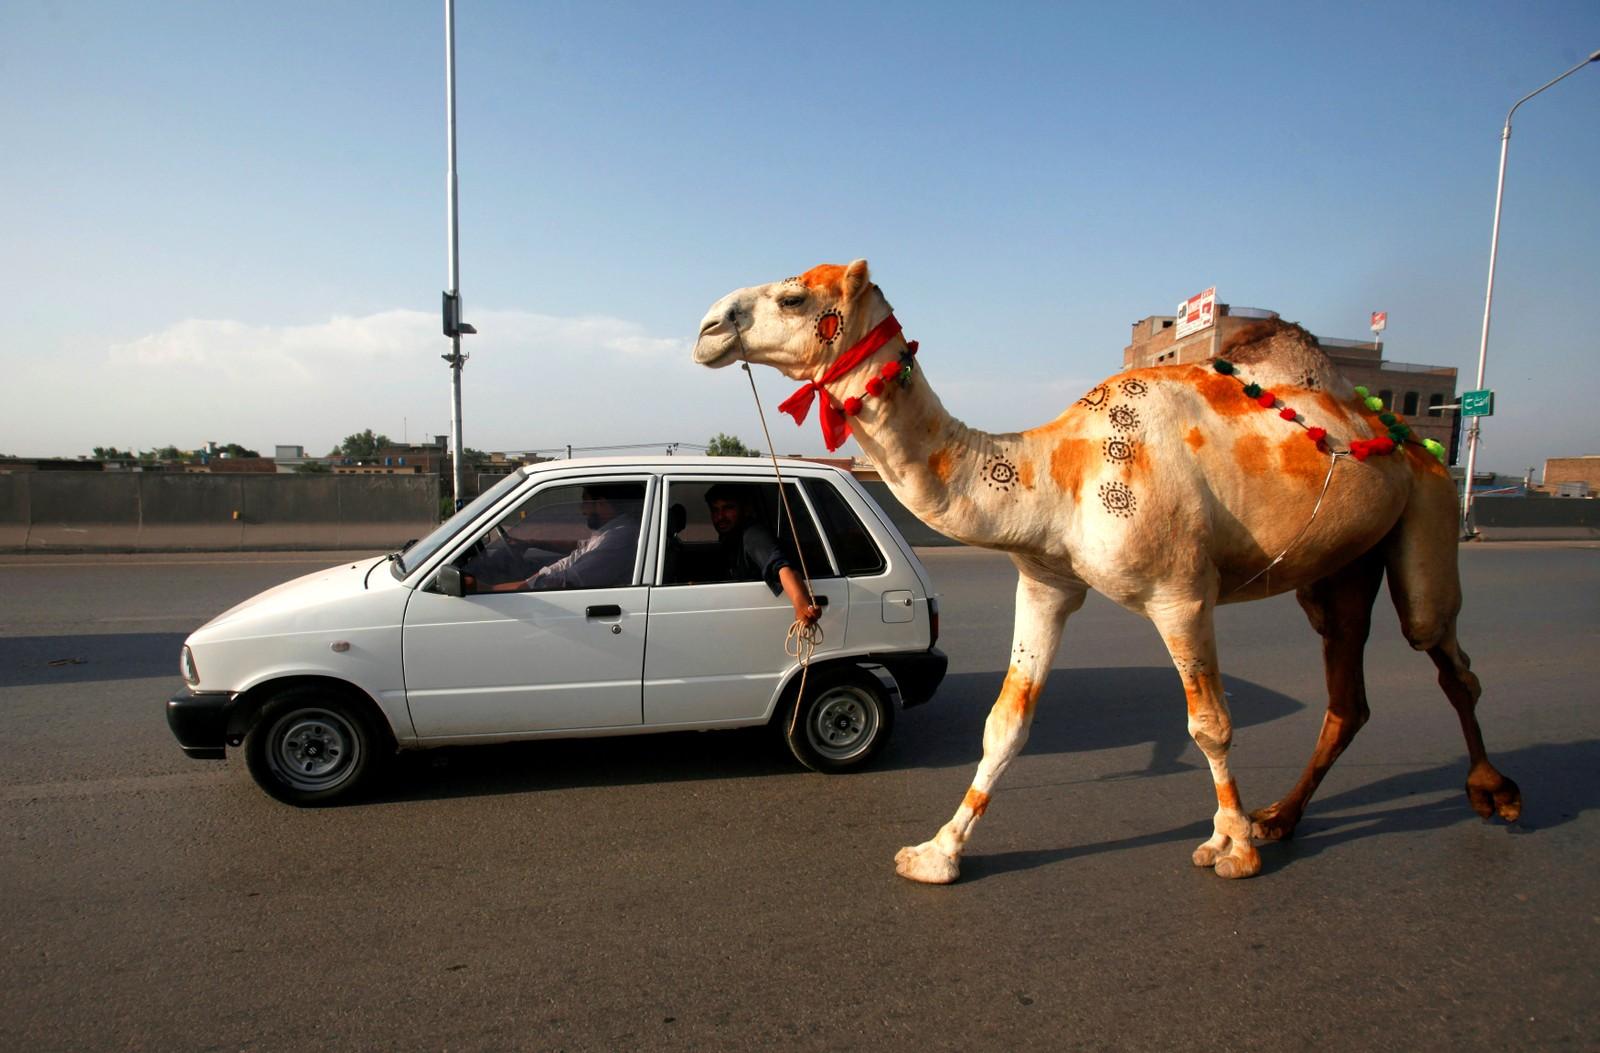 Varen må jo fraktes hjem etter handleturen. Disse mennene har kjøpt en kamel i Peshawar i Pakistan.